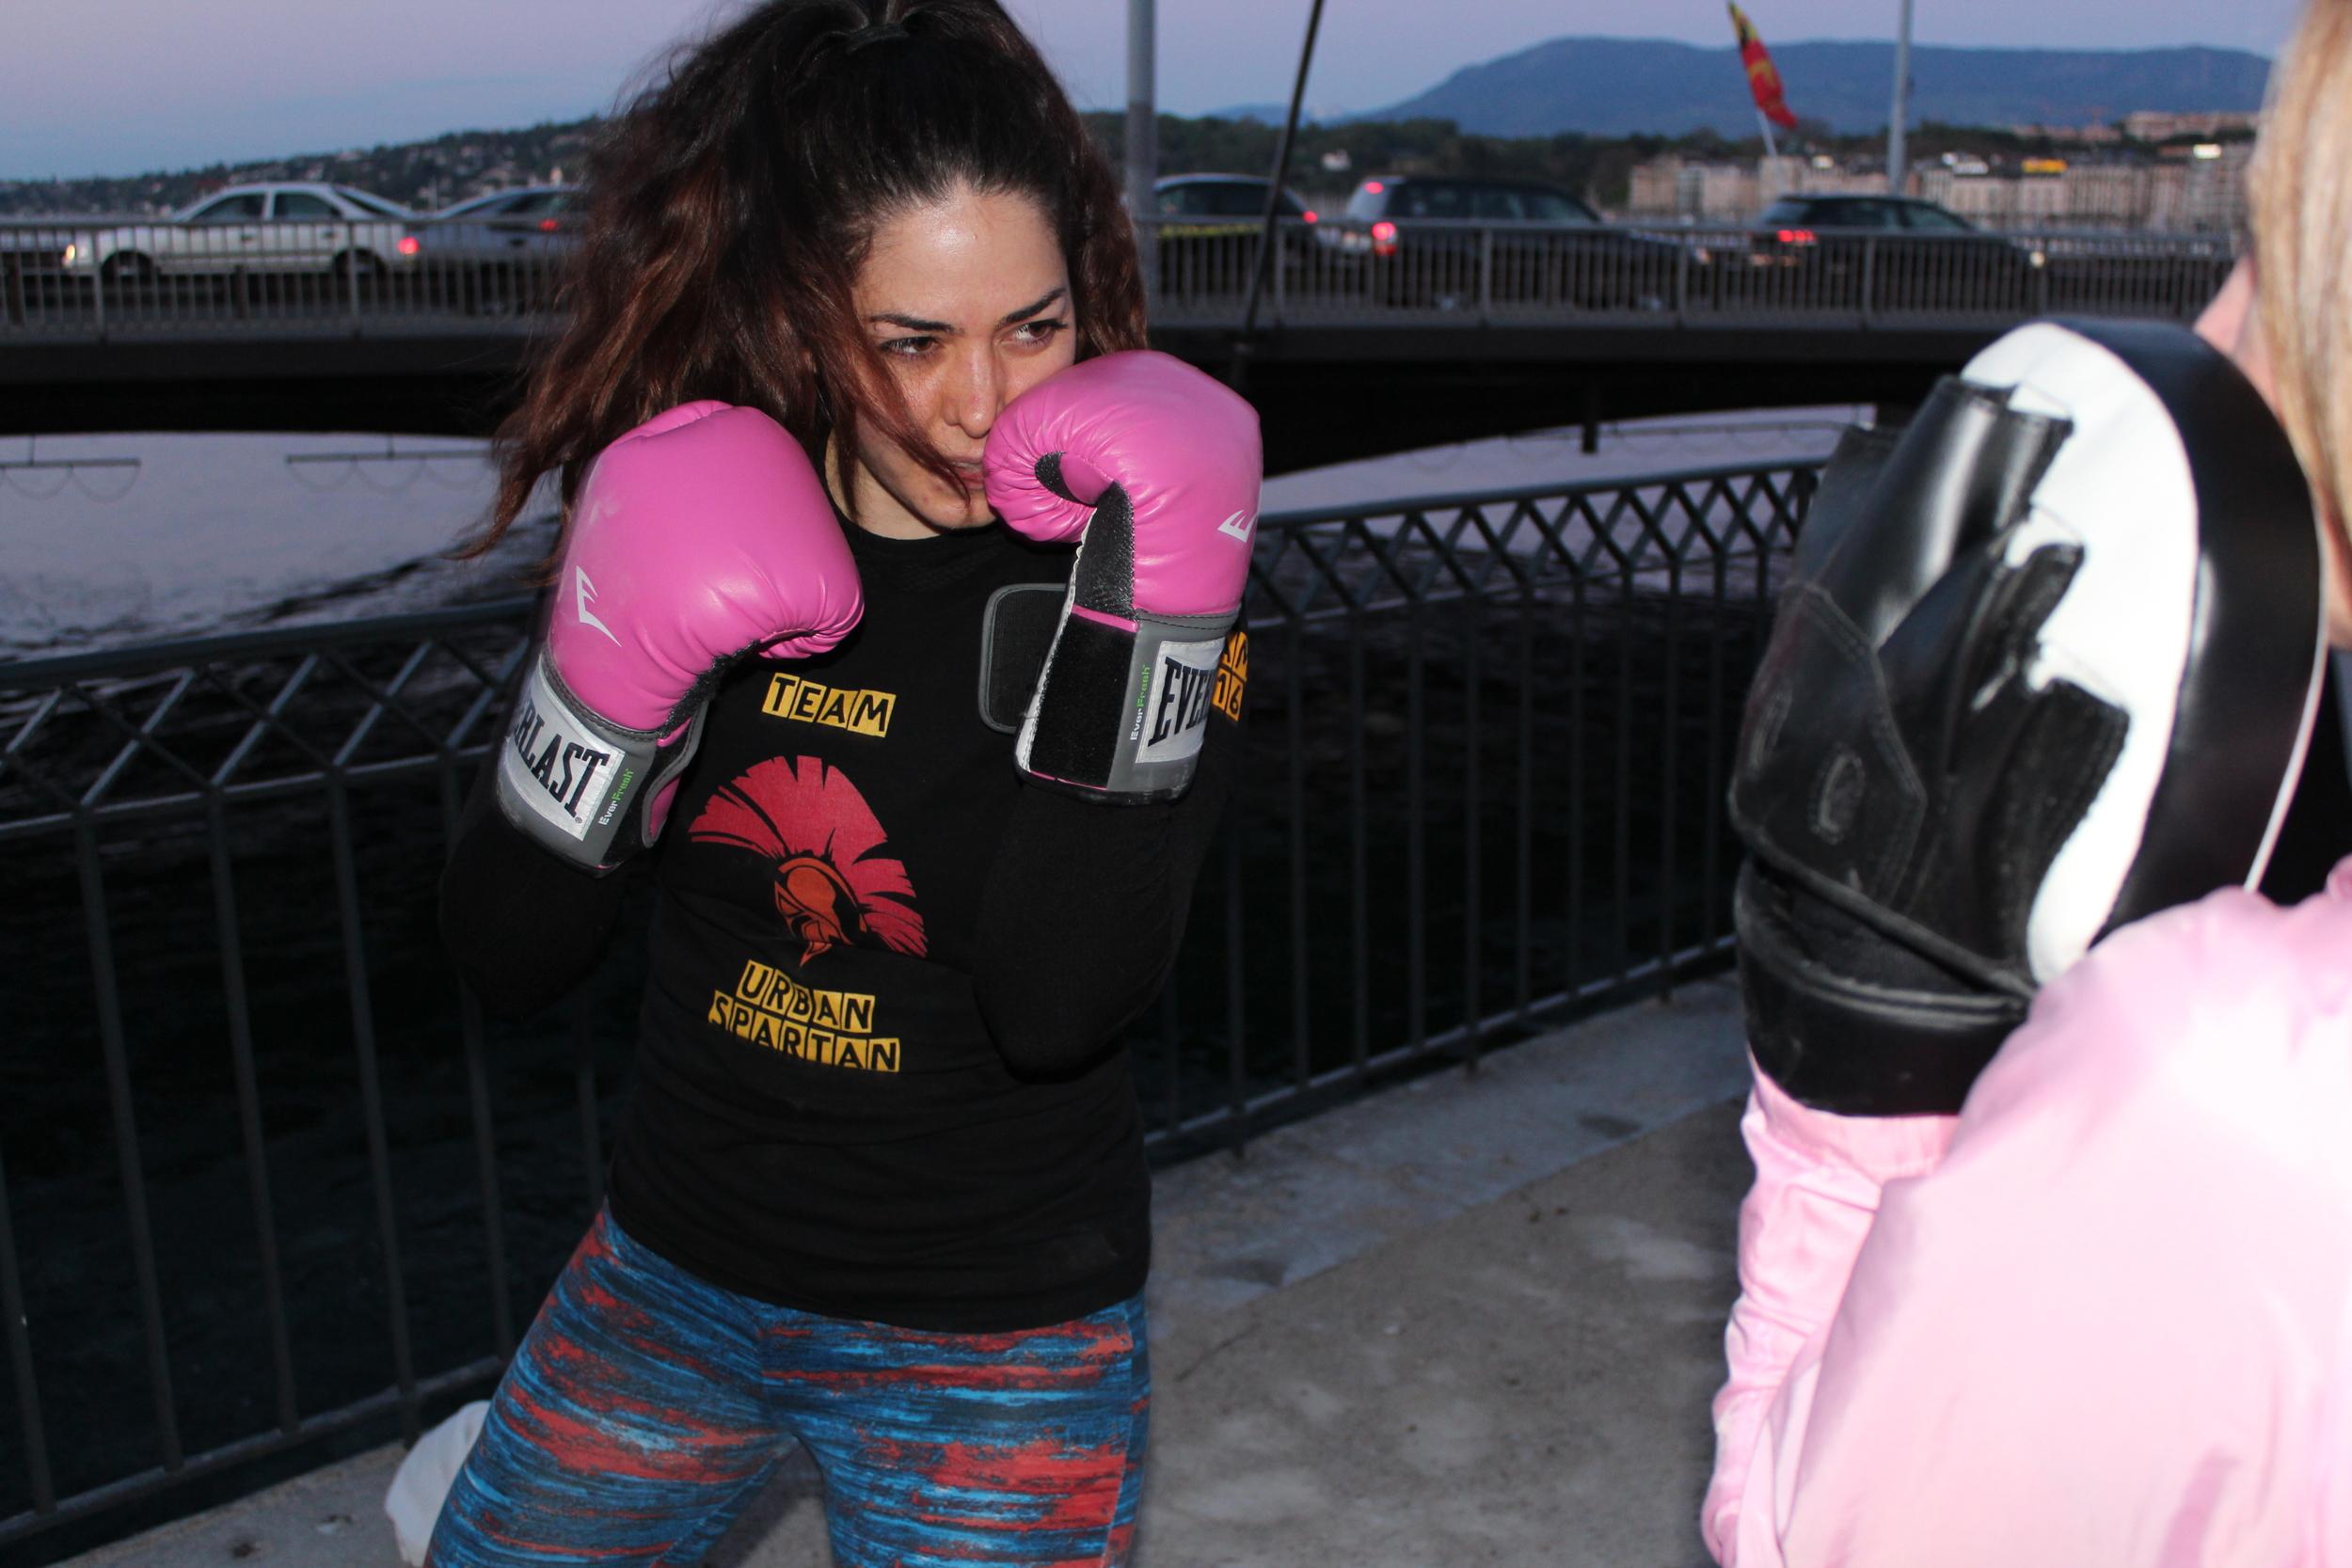 """""""La boxe m'a toujours intéressée mais je n'avais jamais eu le courage d'essayer. Ensuite mon fiancé m'a parlé du cours de Cardio Boxing et voilà, maintenant j'adore ce cours ! Il me pousse à me dépasser et j'apprécie énormément la bonne humeur et la convivialité entre tous.""""   Julie, 28 ans, pratique le BodyStep, RPM et le jogging."""